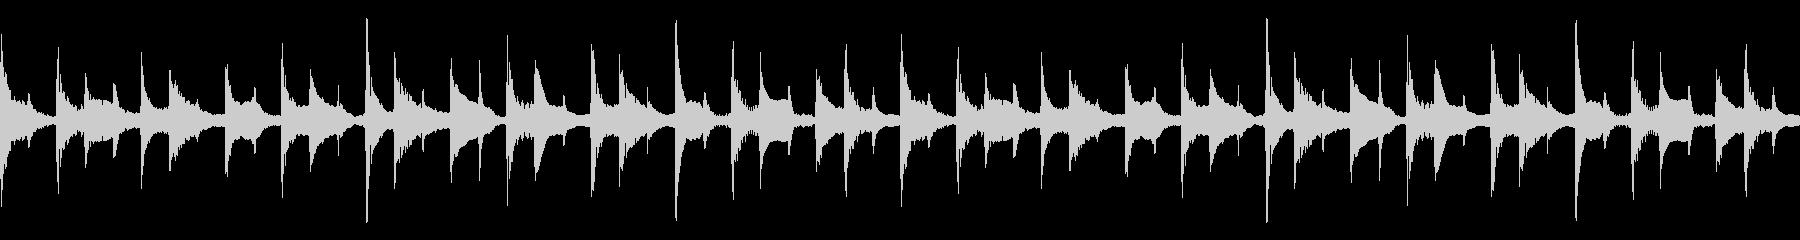 ARP シンセシーケンス 2 音楽制作用の未再生の波形